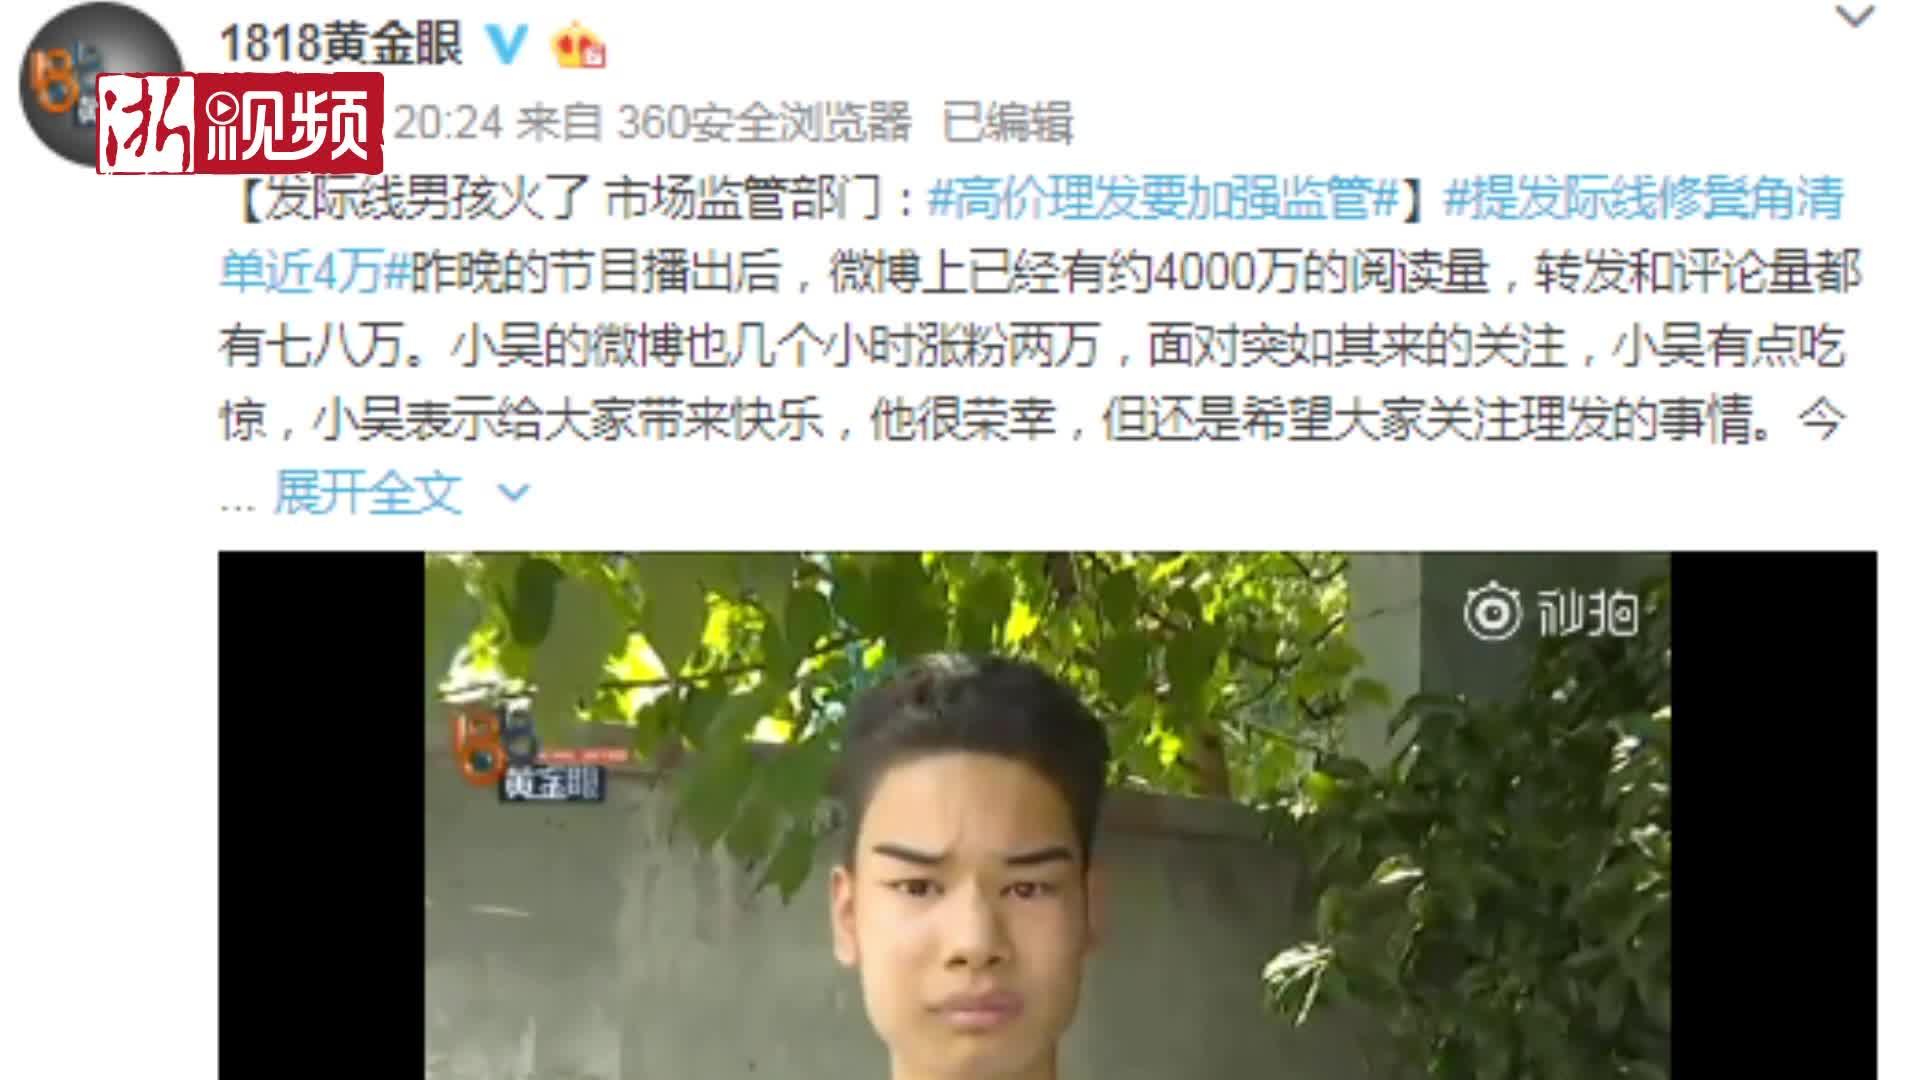 杭州小伙理发被收4万表情包火爆网络:很抵触 网红太累